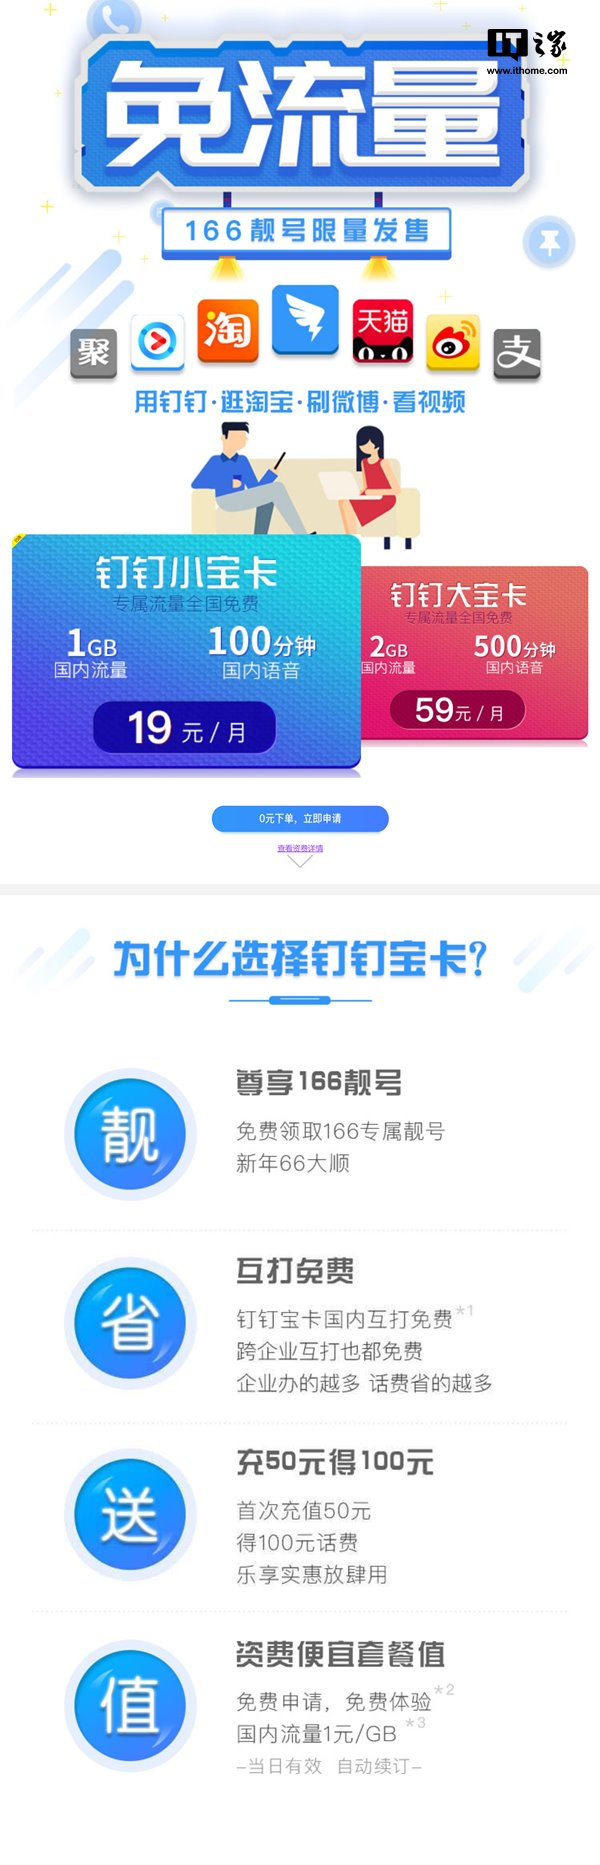 阿里通信/联通计划推出联名卡:类似于腾讯大王卡